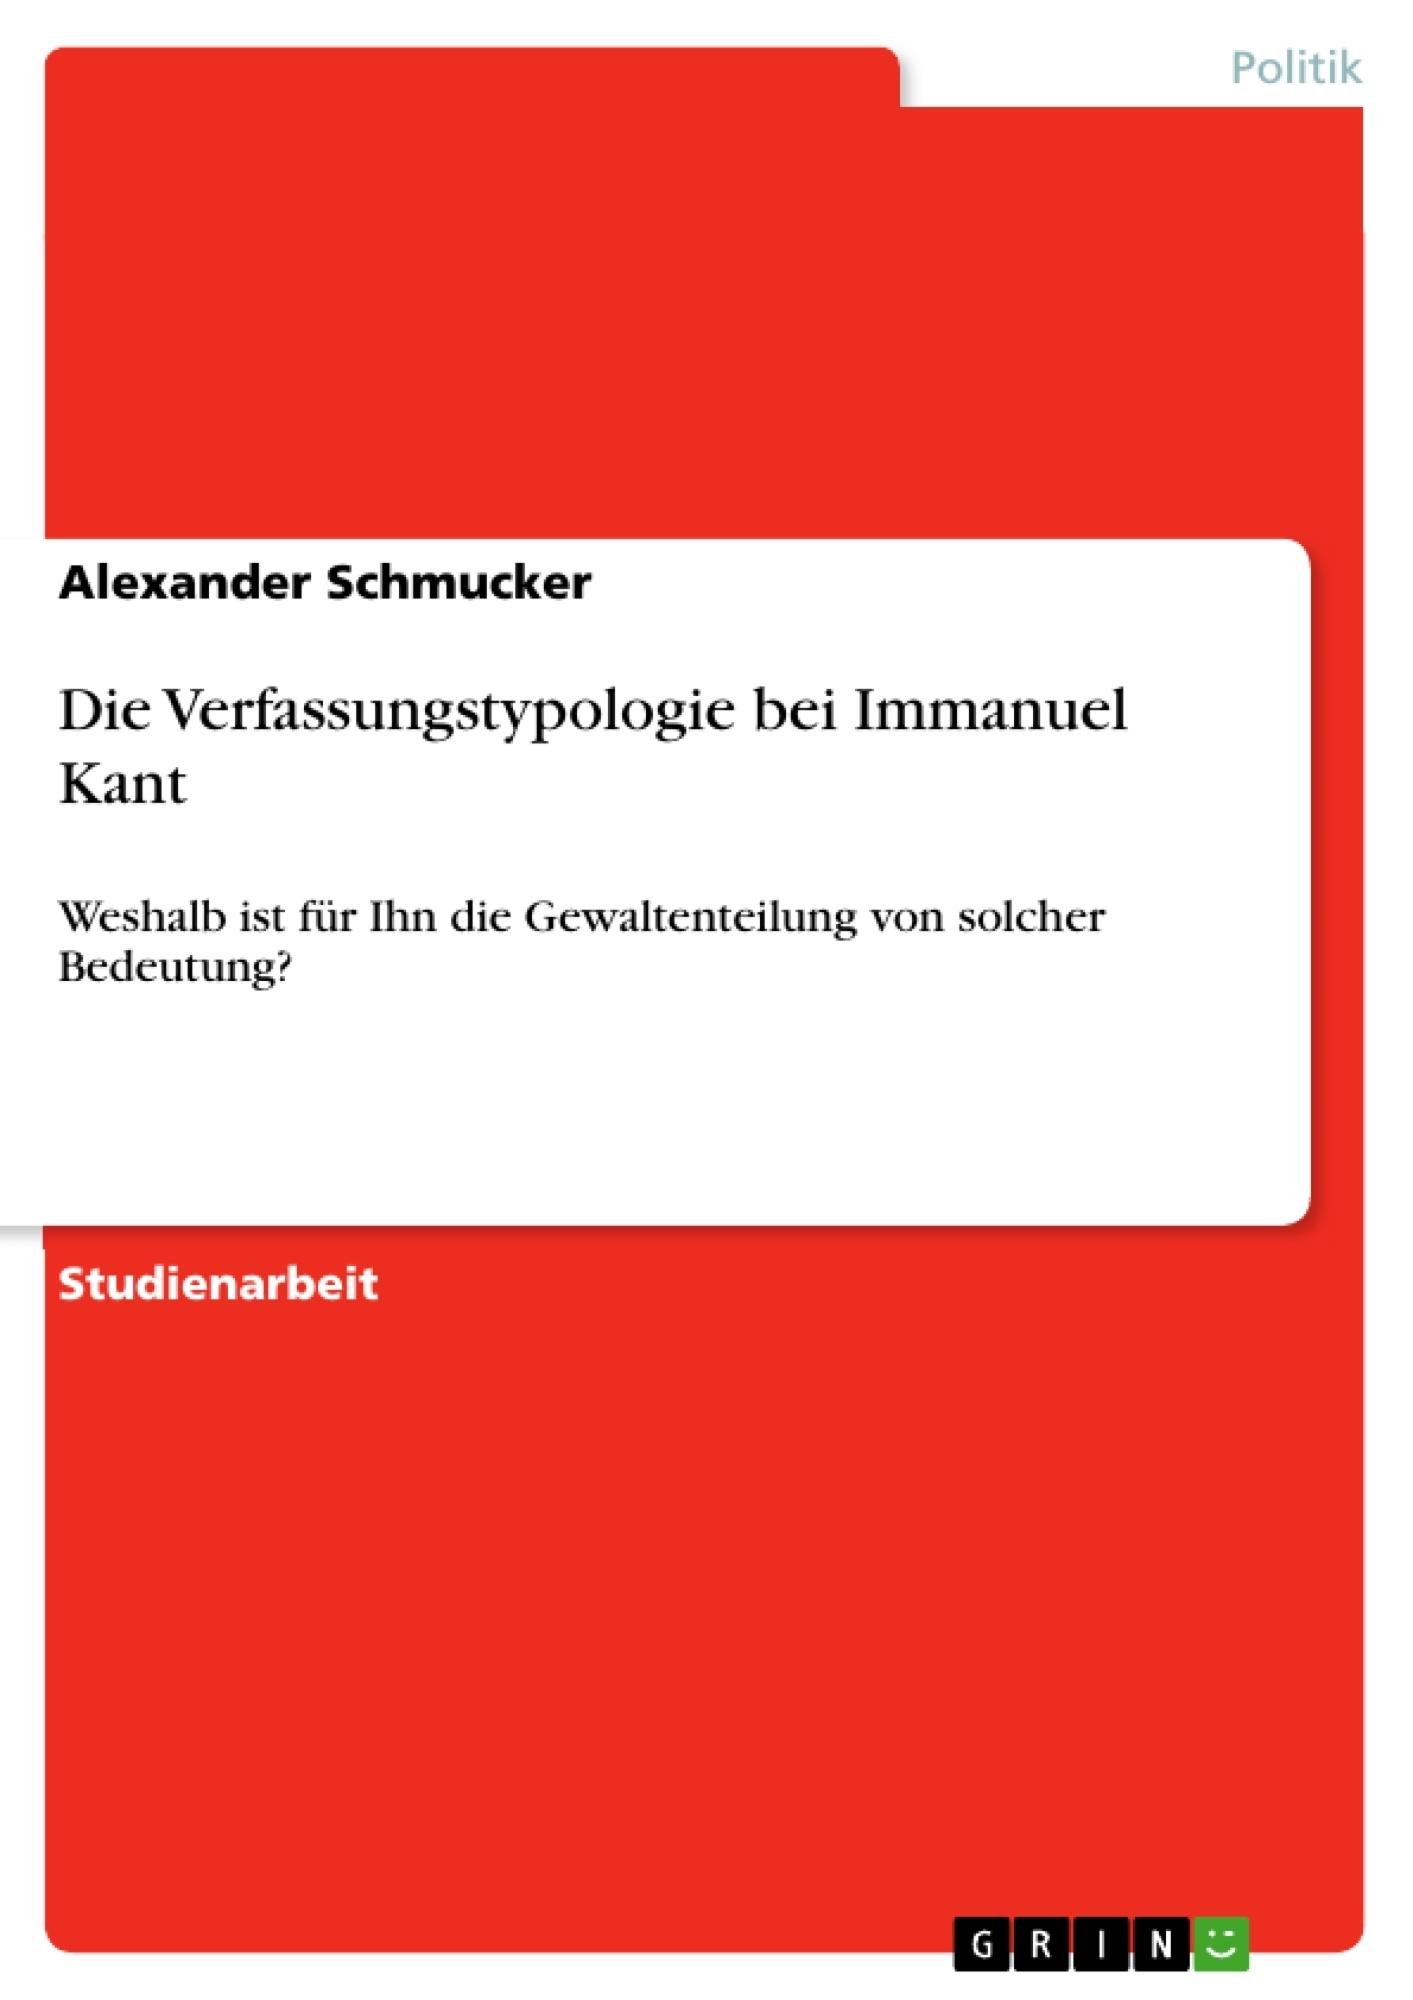 Titel: Die Verfassungstypologie bei Immanuel Kant